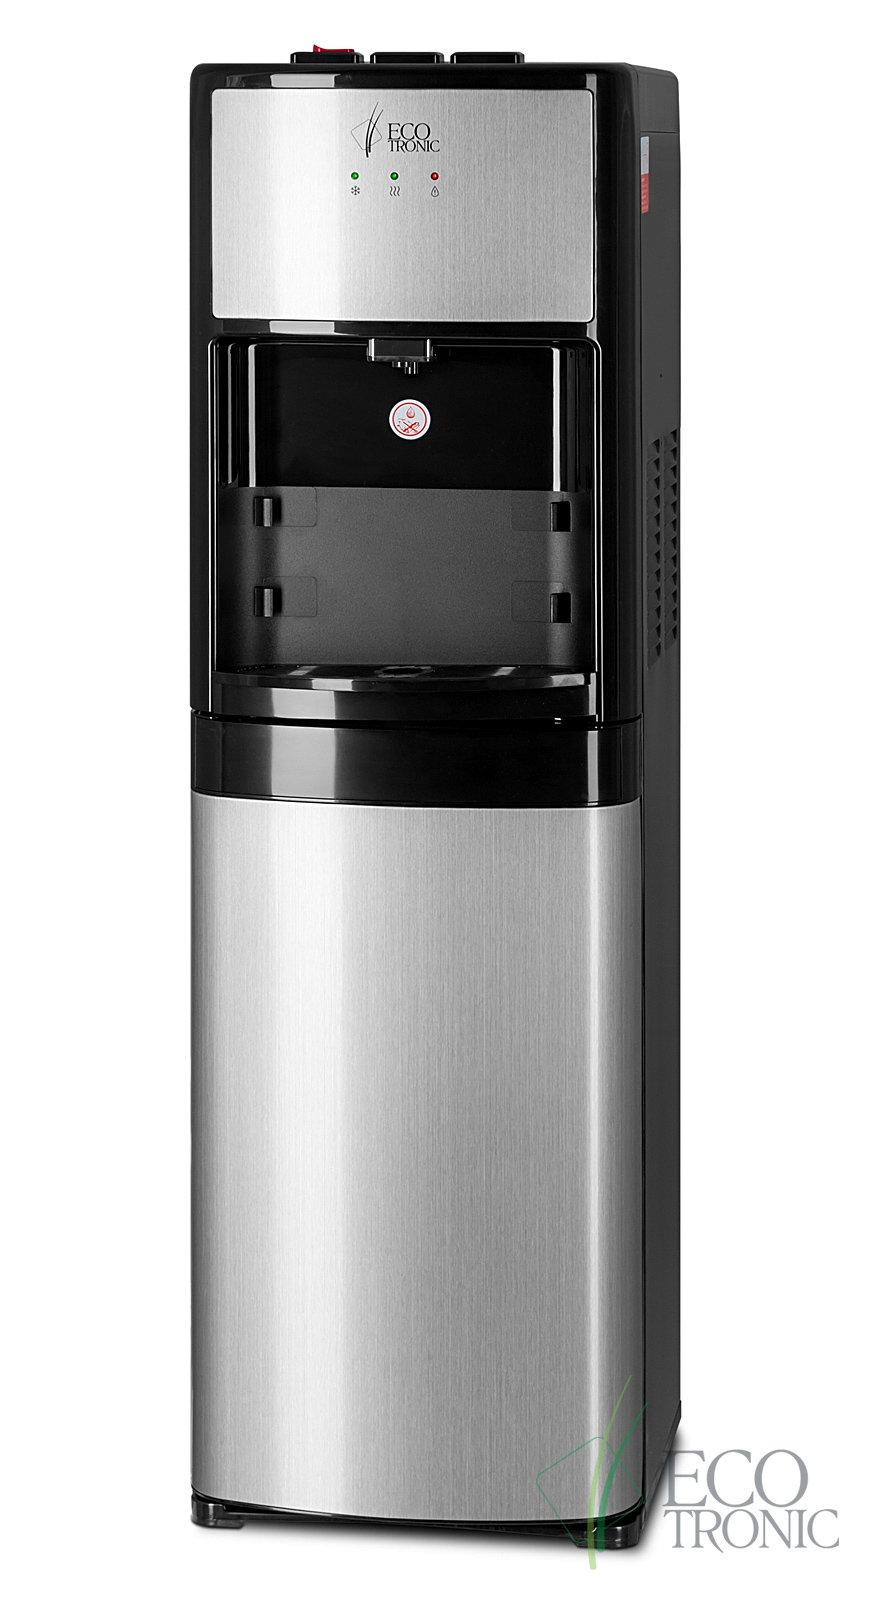 Кулер для воды Ecotronic M9-LXE напольный с нижней загрузкой и электронным охлаждением